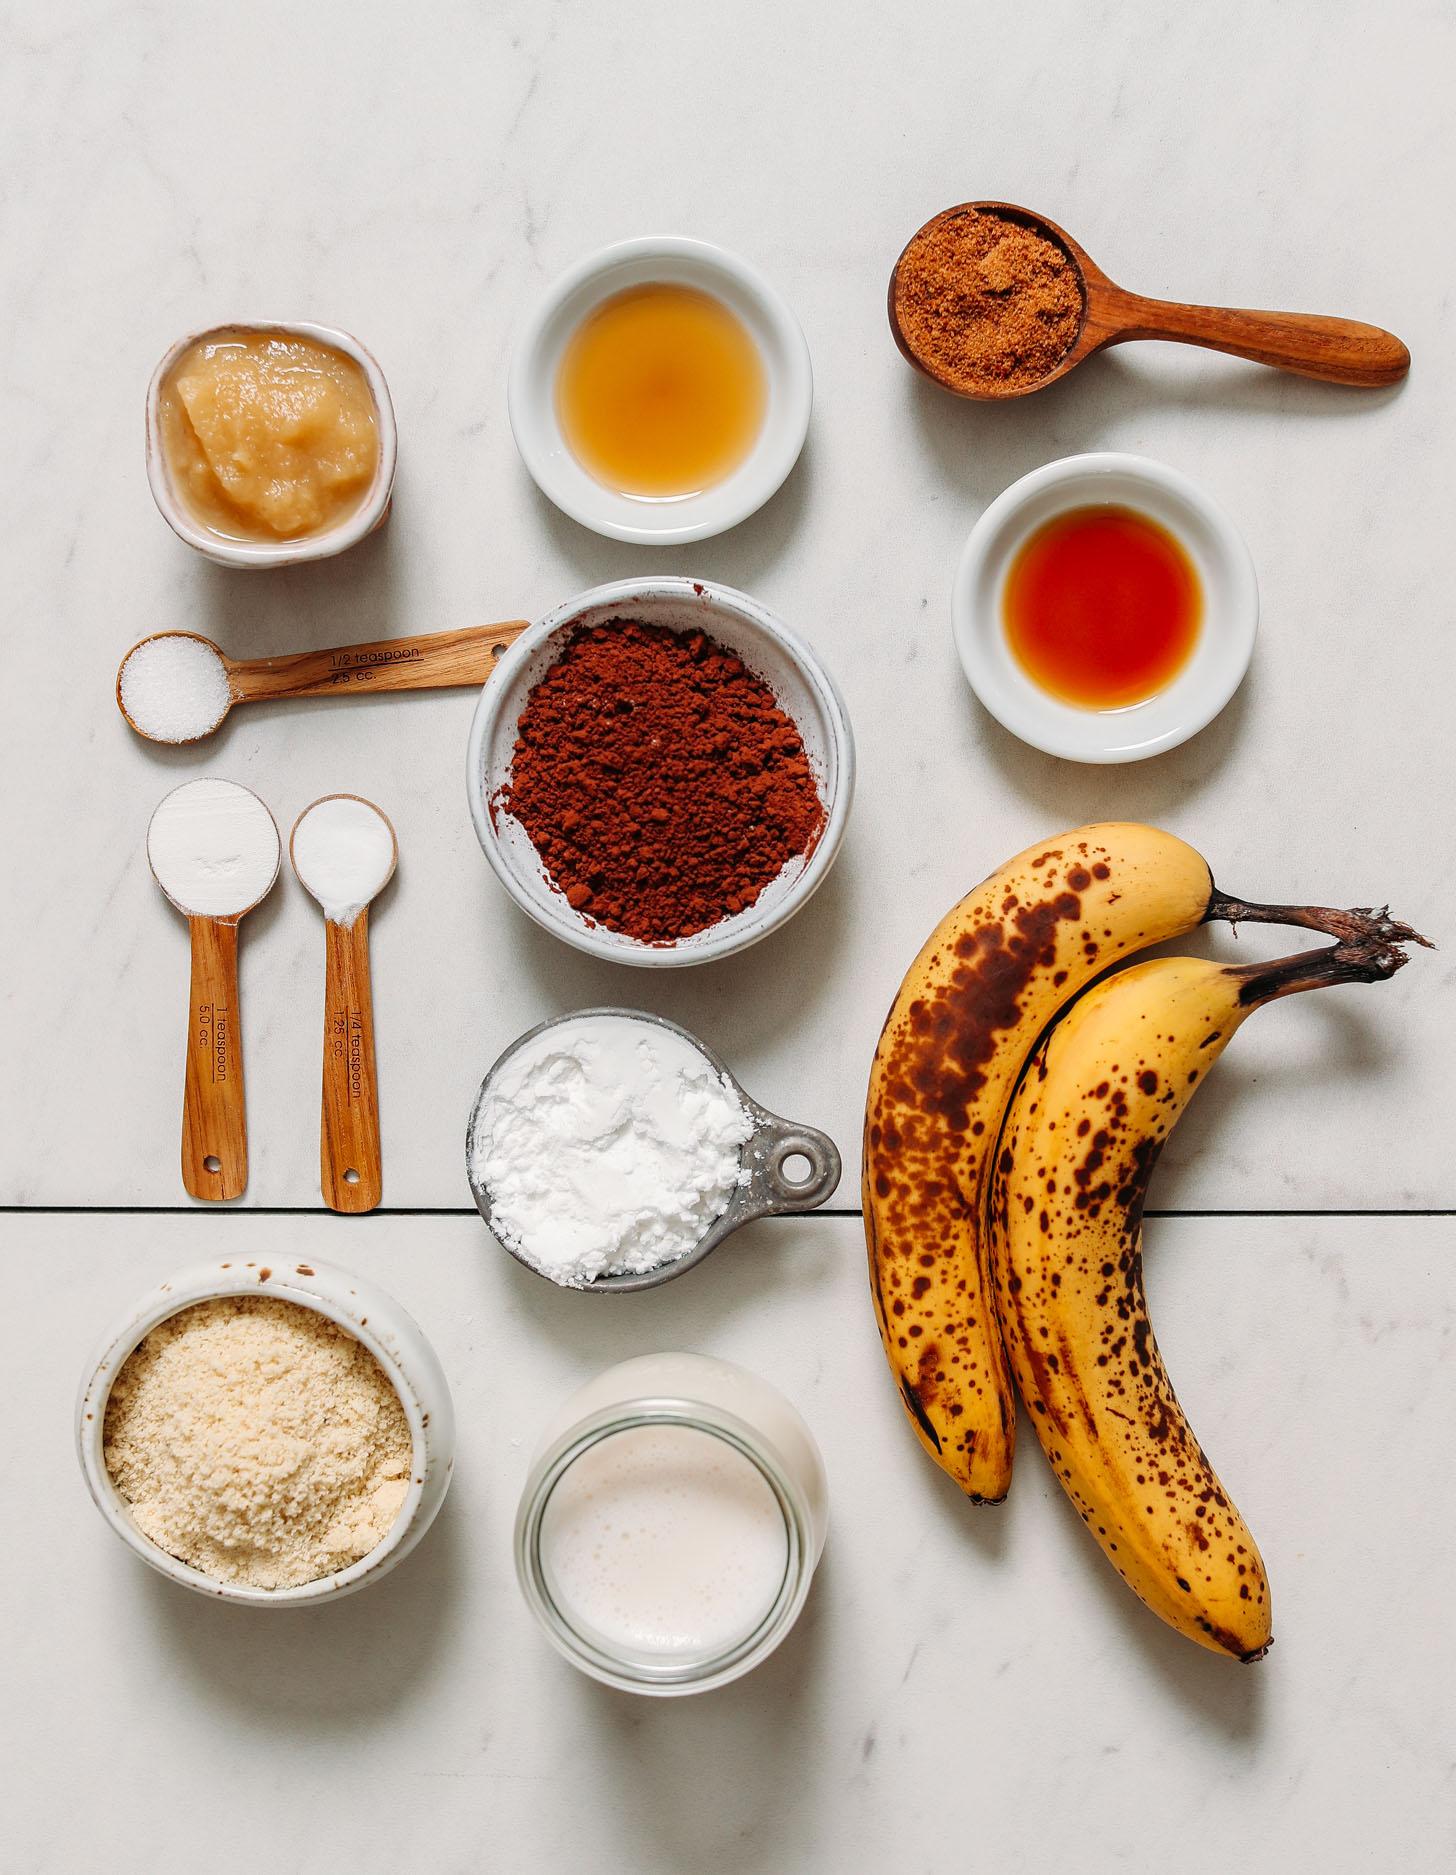 Compota de manzana, jarabe de arce, azúcar de coco, cacao en polvo, plátanos, harinas sin gluten, bicarbonato de sodio, levadura en polvo, sal y leche sin lácteos